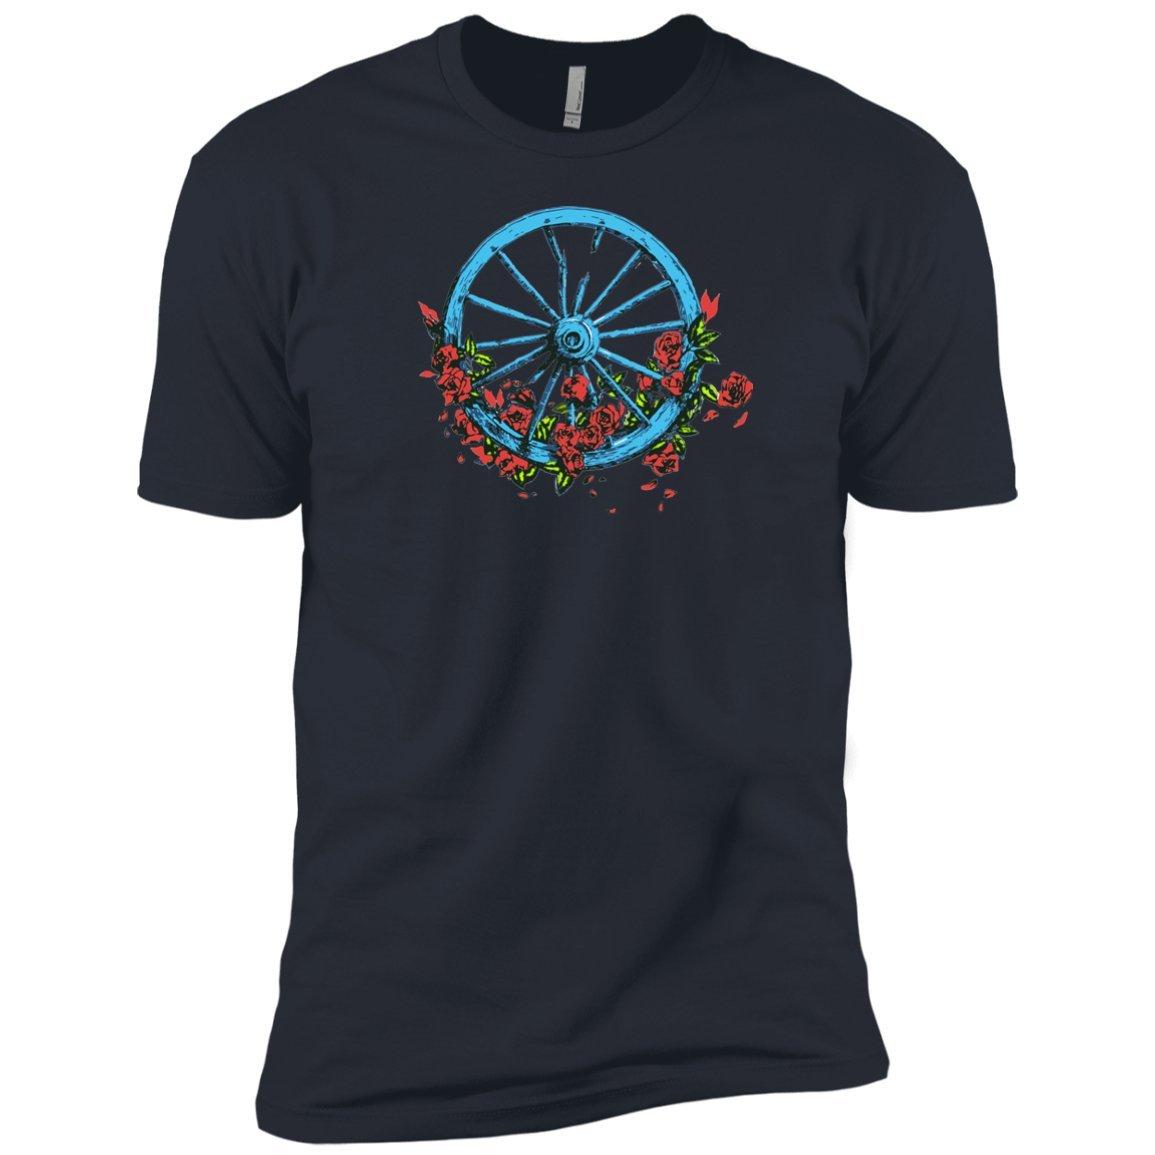 Wheel Roses Premium T Shirt For 4851